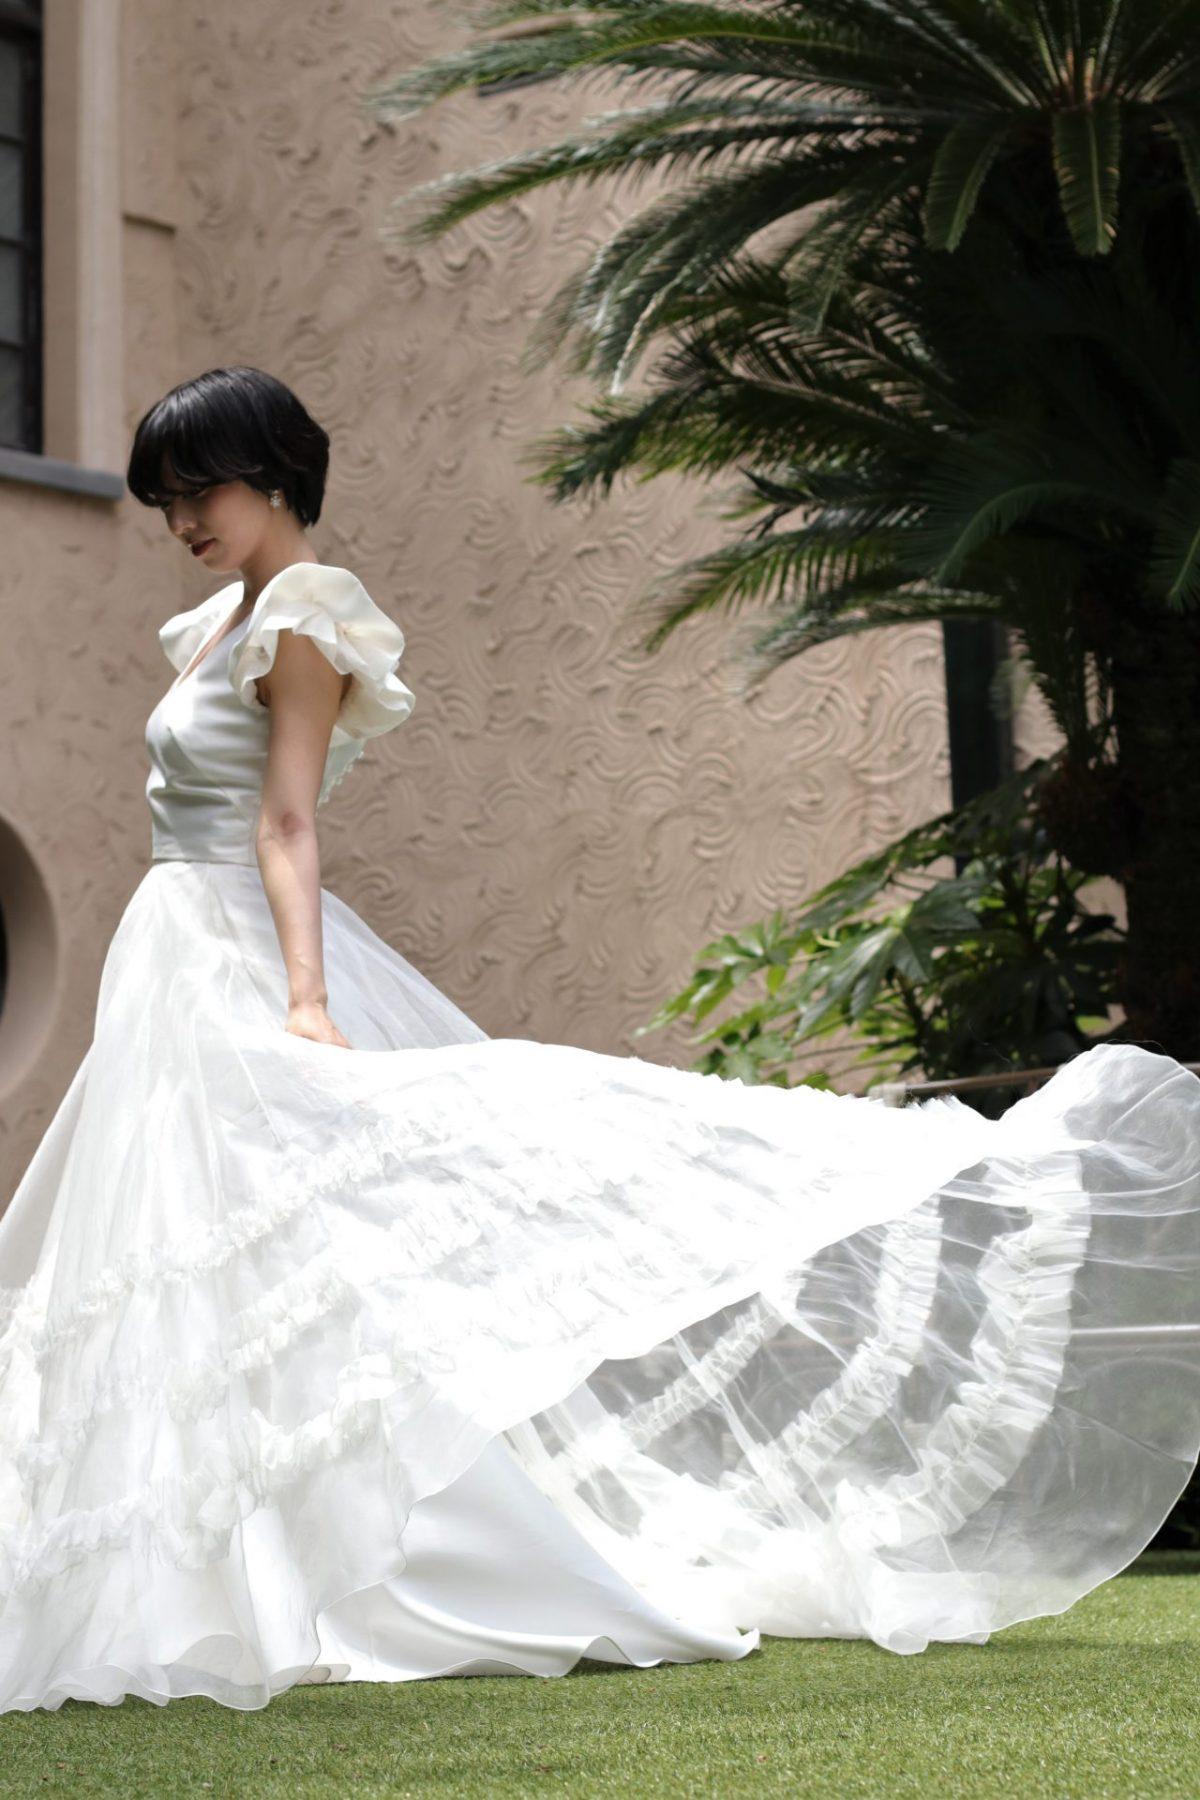 マーメイドラインのウェディングドレスに、オーバースカートを合わせるとシンプルなAラインに変化する2wayのウェディングドレスは、挙式や披露宴、二次会とシーンに合わせてコーディネートを楽しめます